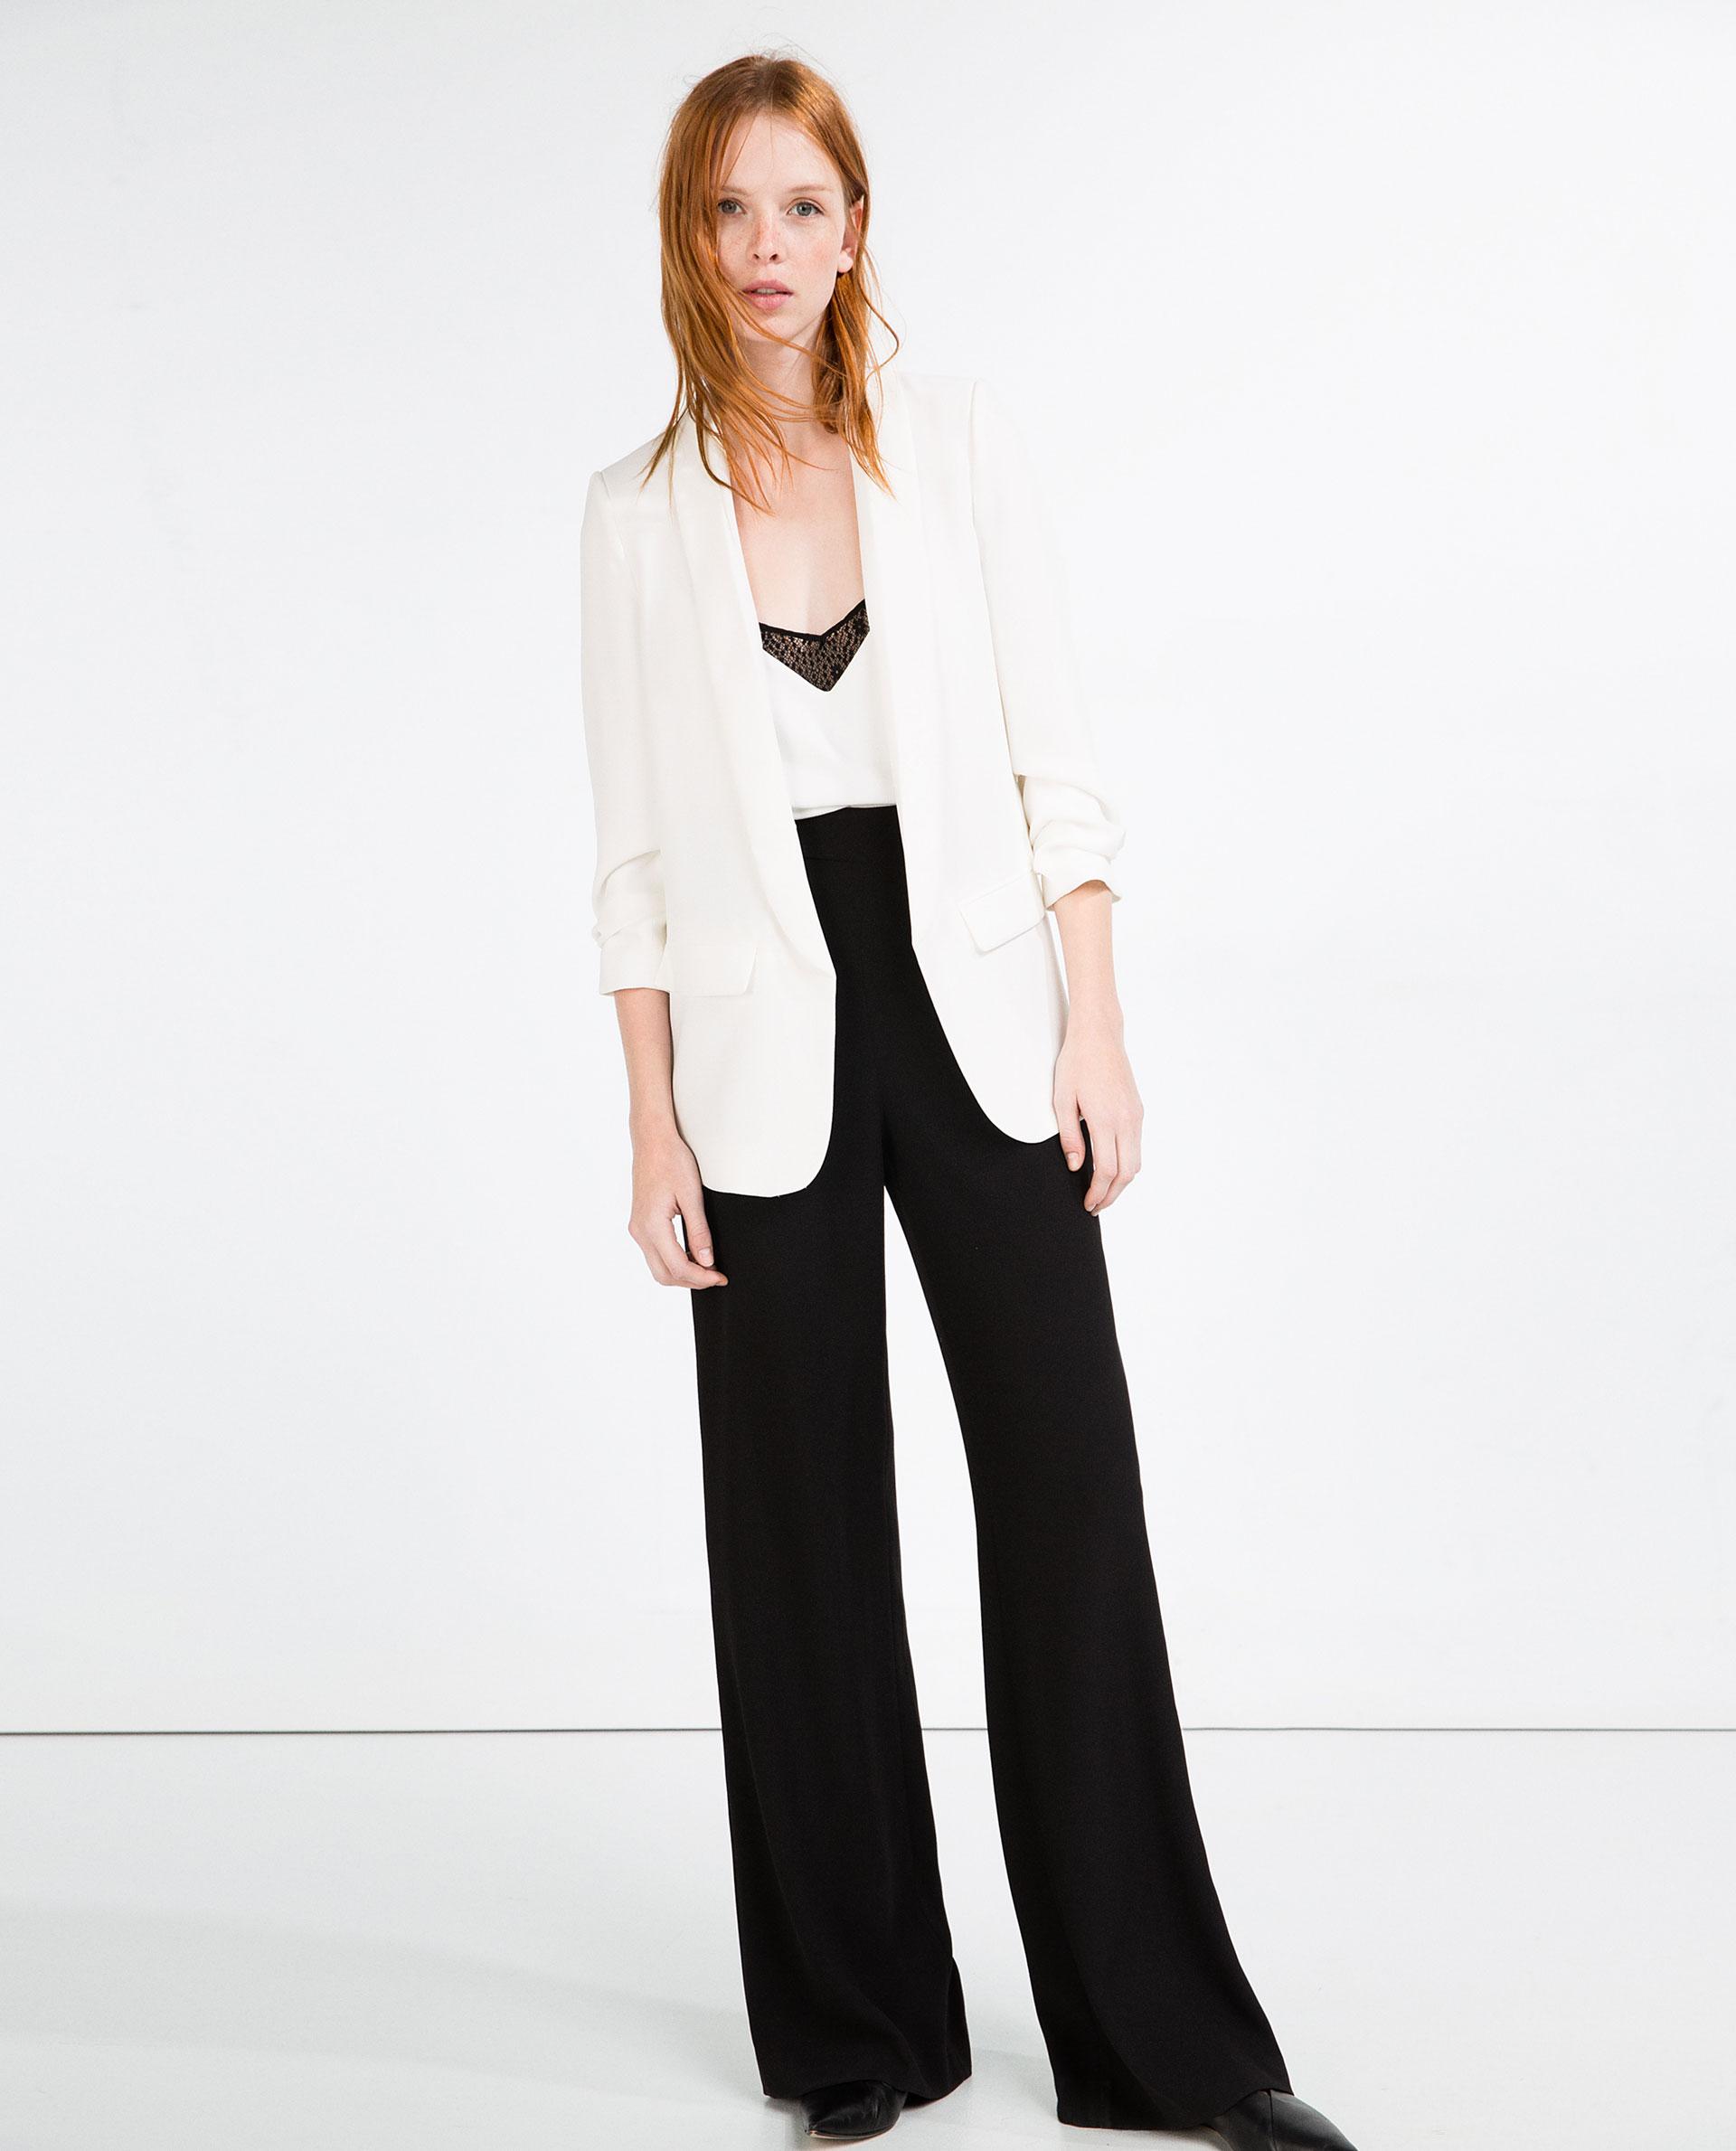 Matrimonio Simbolico Cosa Dire : Tailleur pantalone modelli più belli diredonna